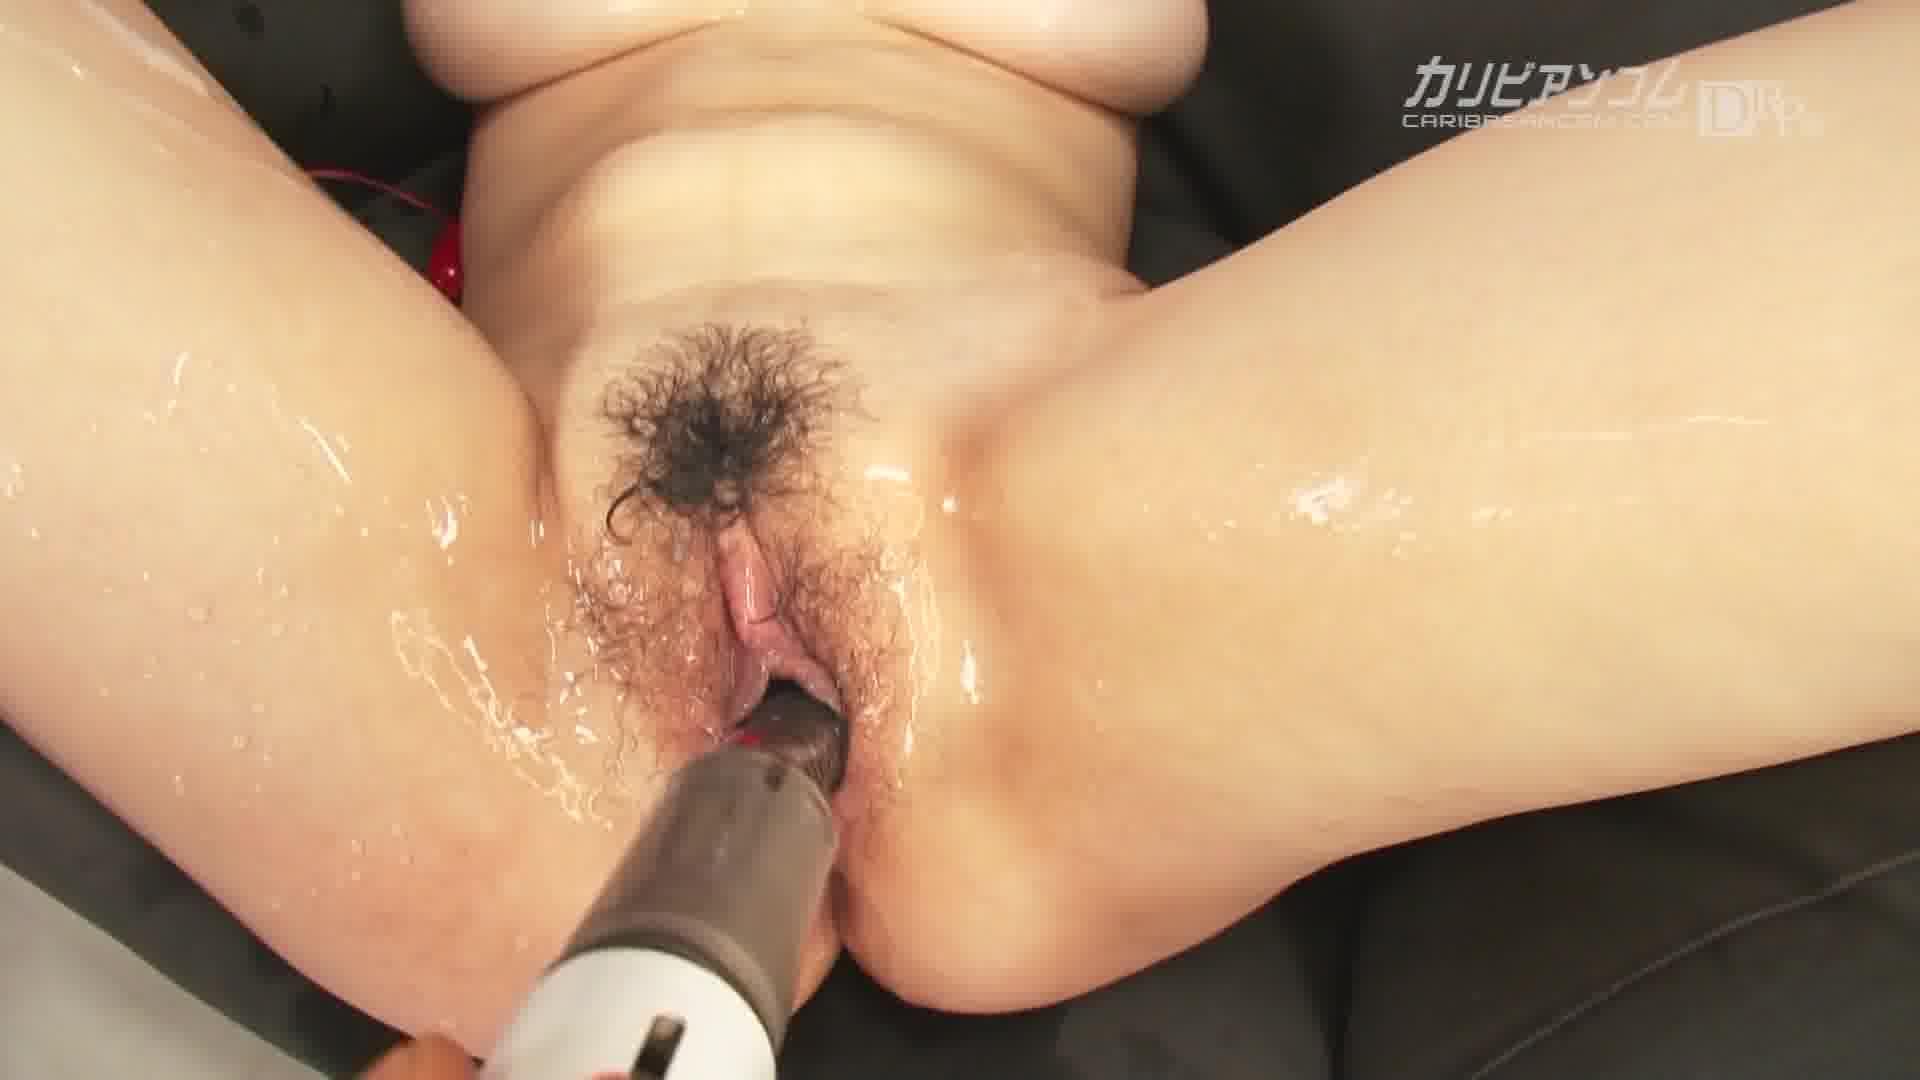 巨乳の美学 - 上原保奈美【痴女・潮吹き・巨乳】